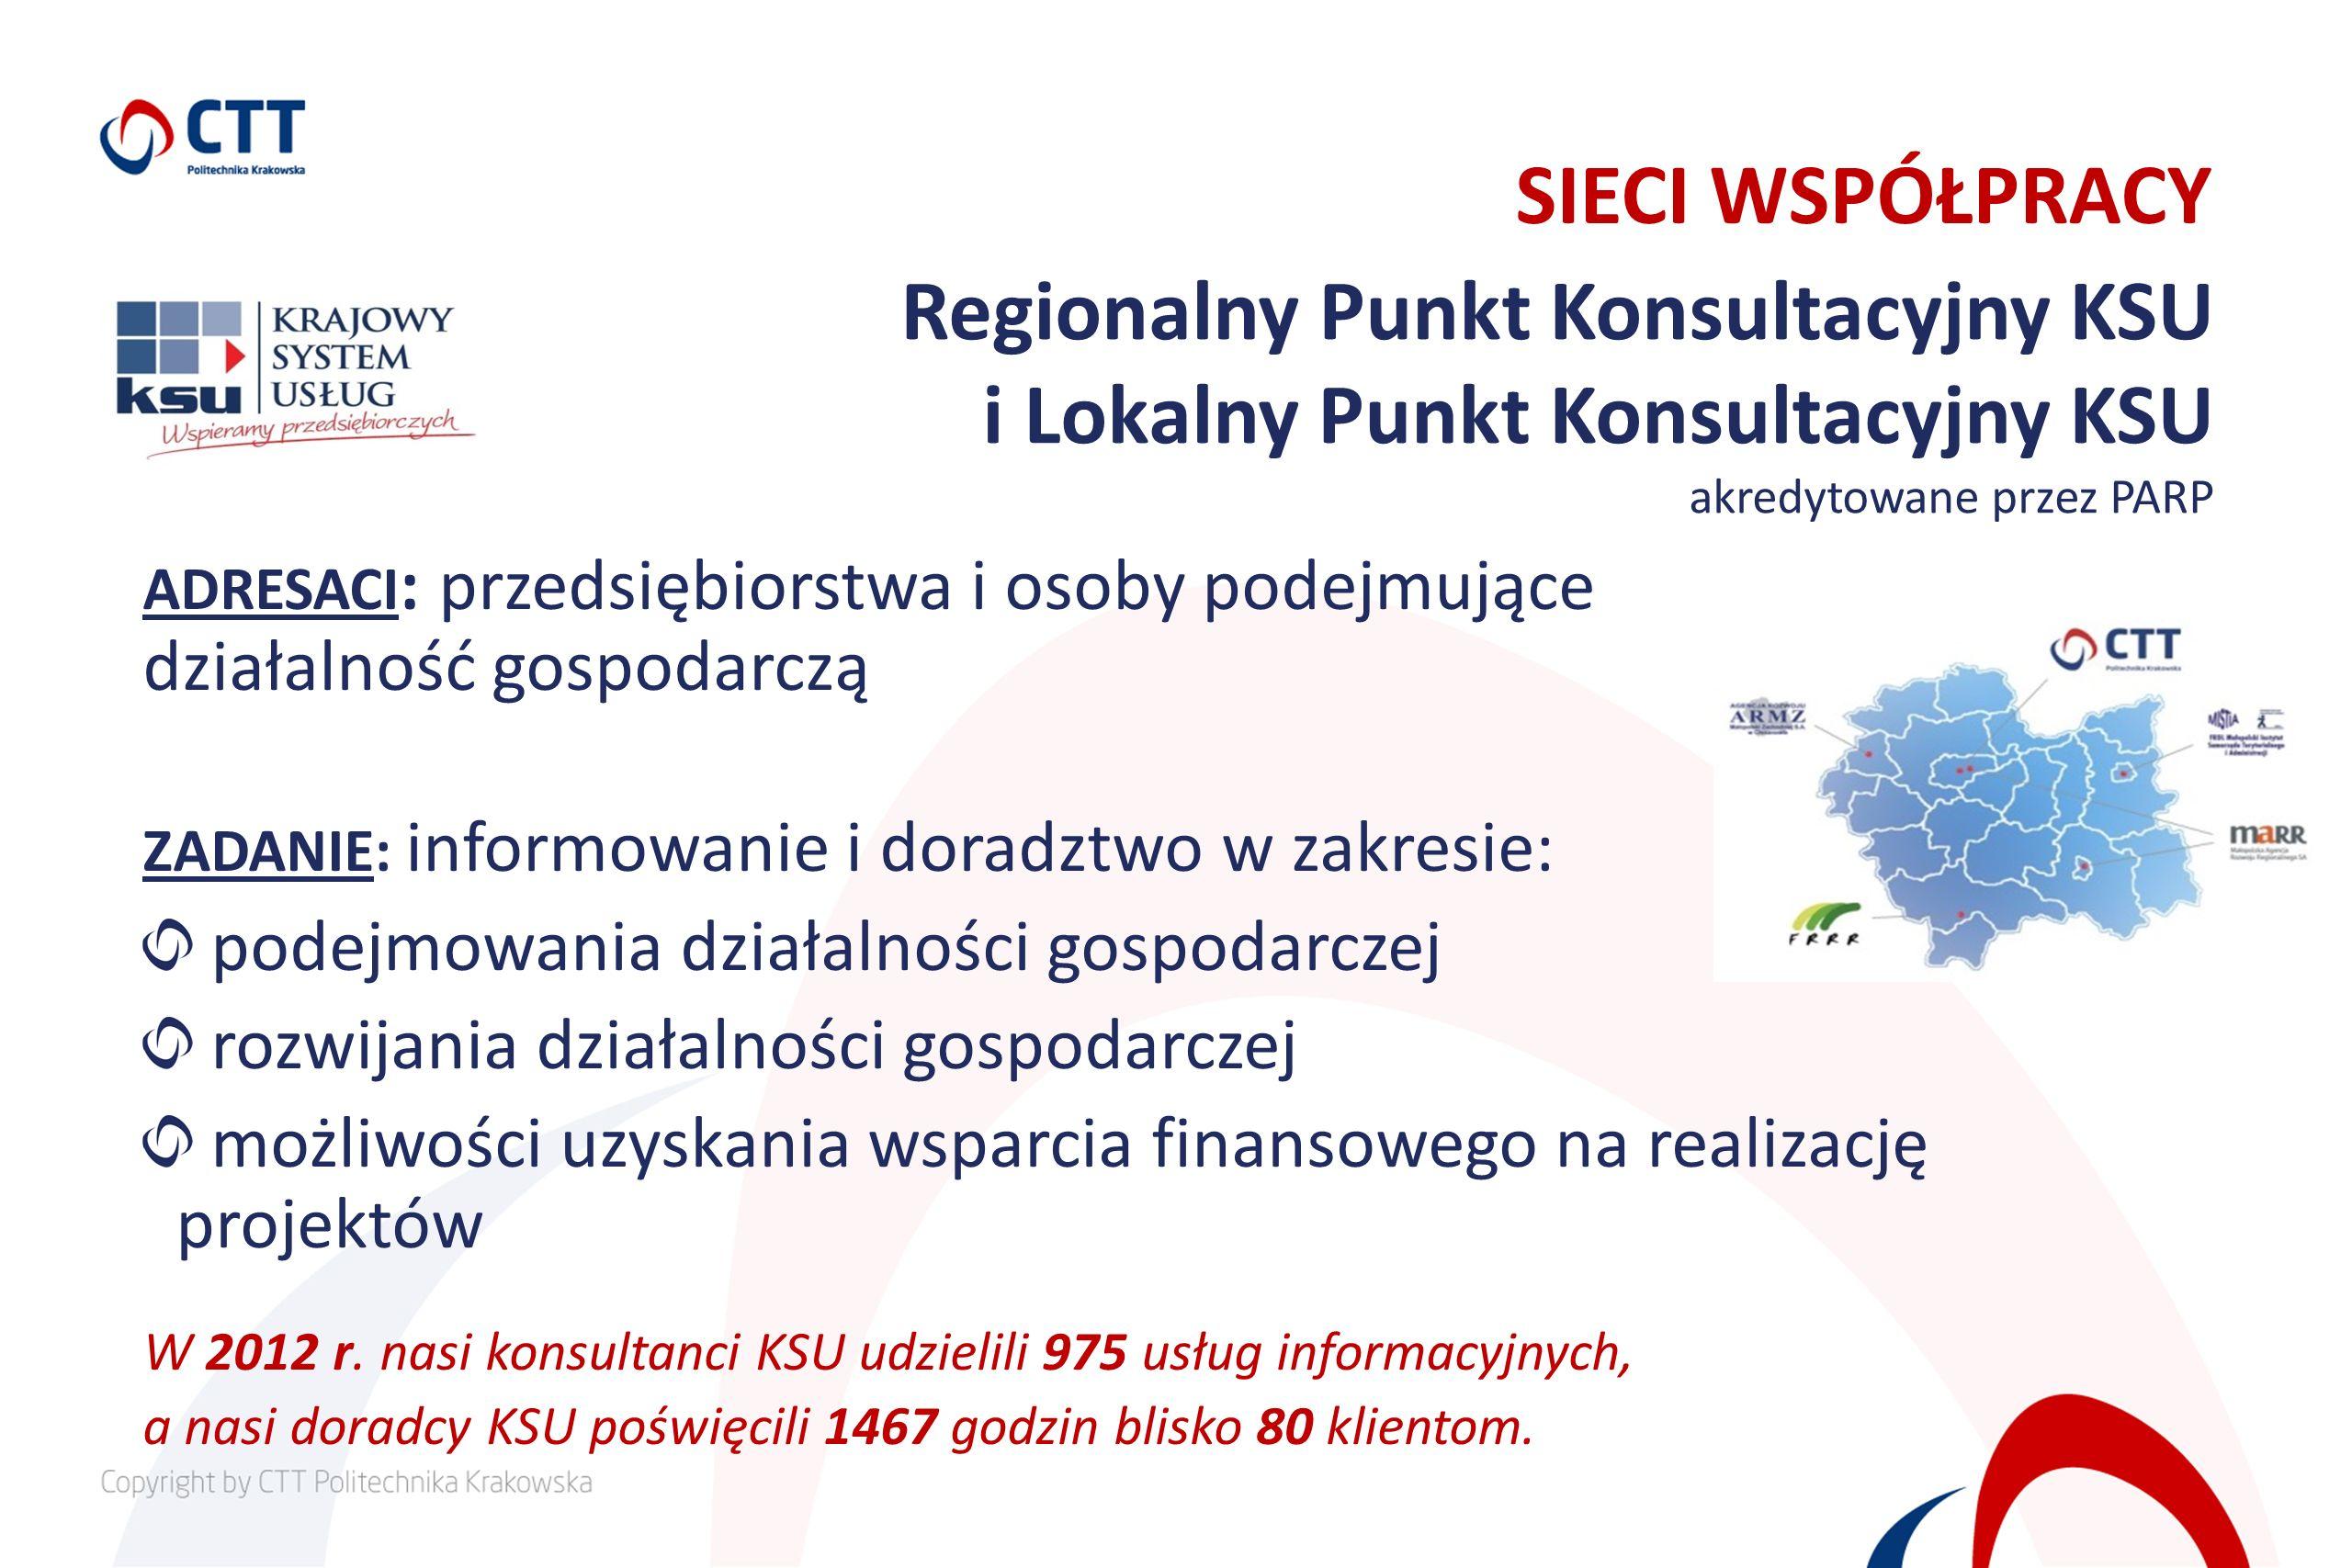 SIECI WSPÓŁPRACY Regionalny Punkt Konsultacyjny KSU i Lokalny Punkt Konsultacyjny KSU akredytowane przez PARP ADRESACI : przedsiębiorstwa i osoby pode